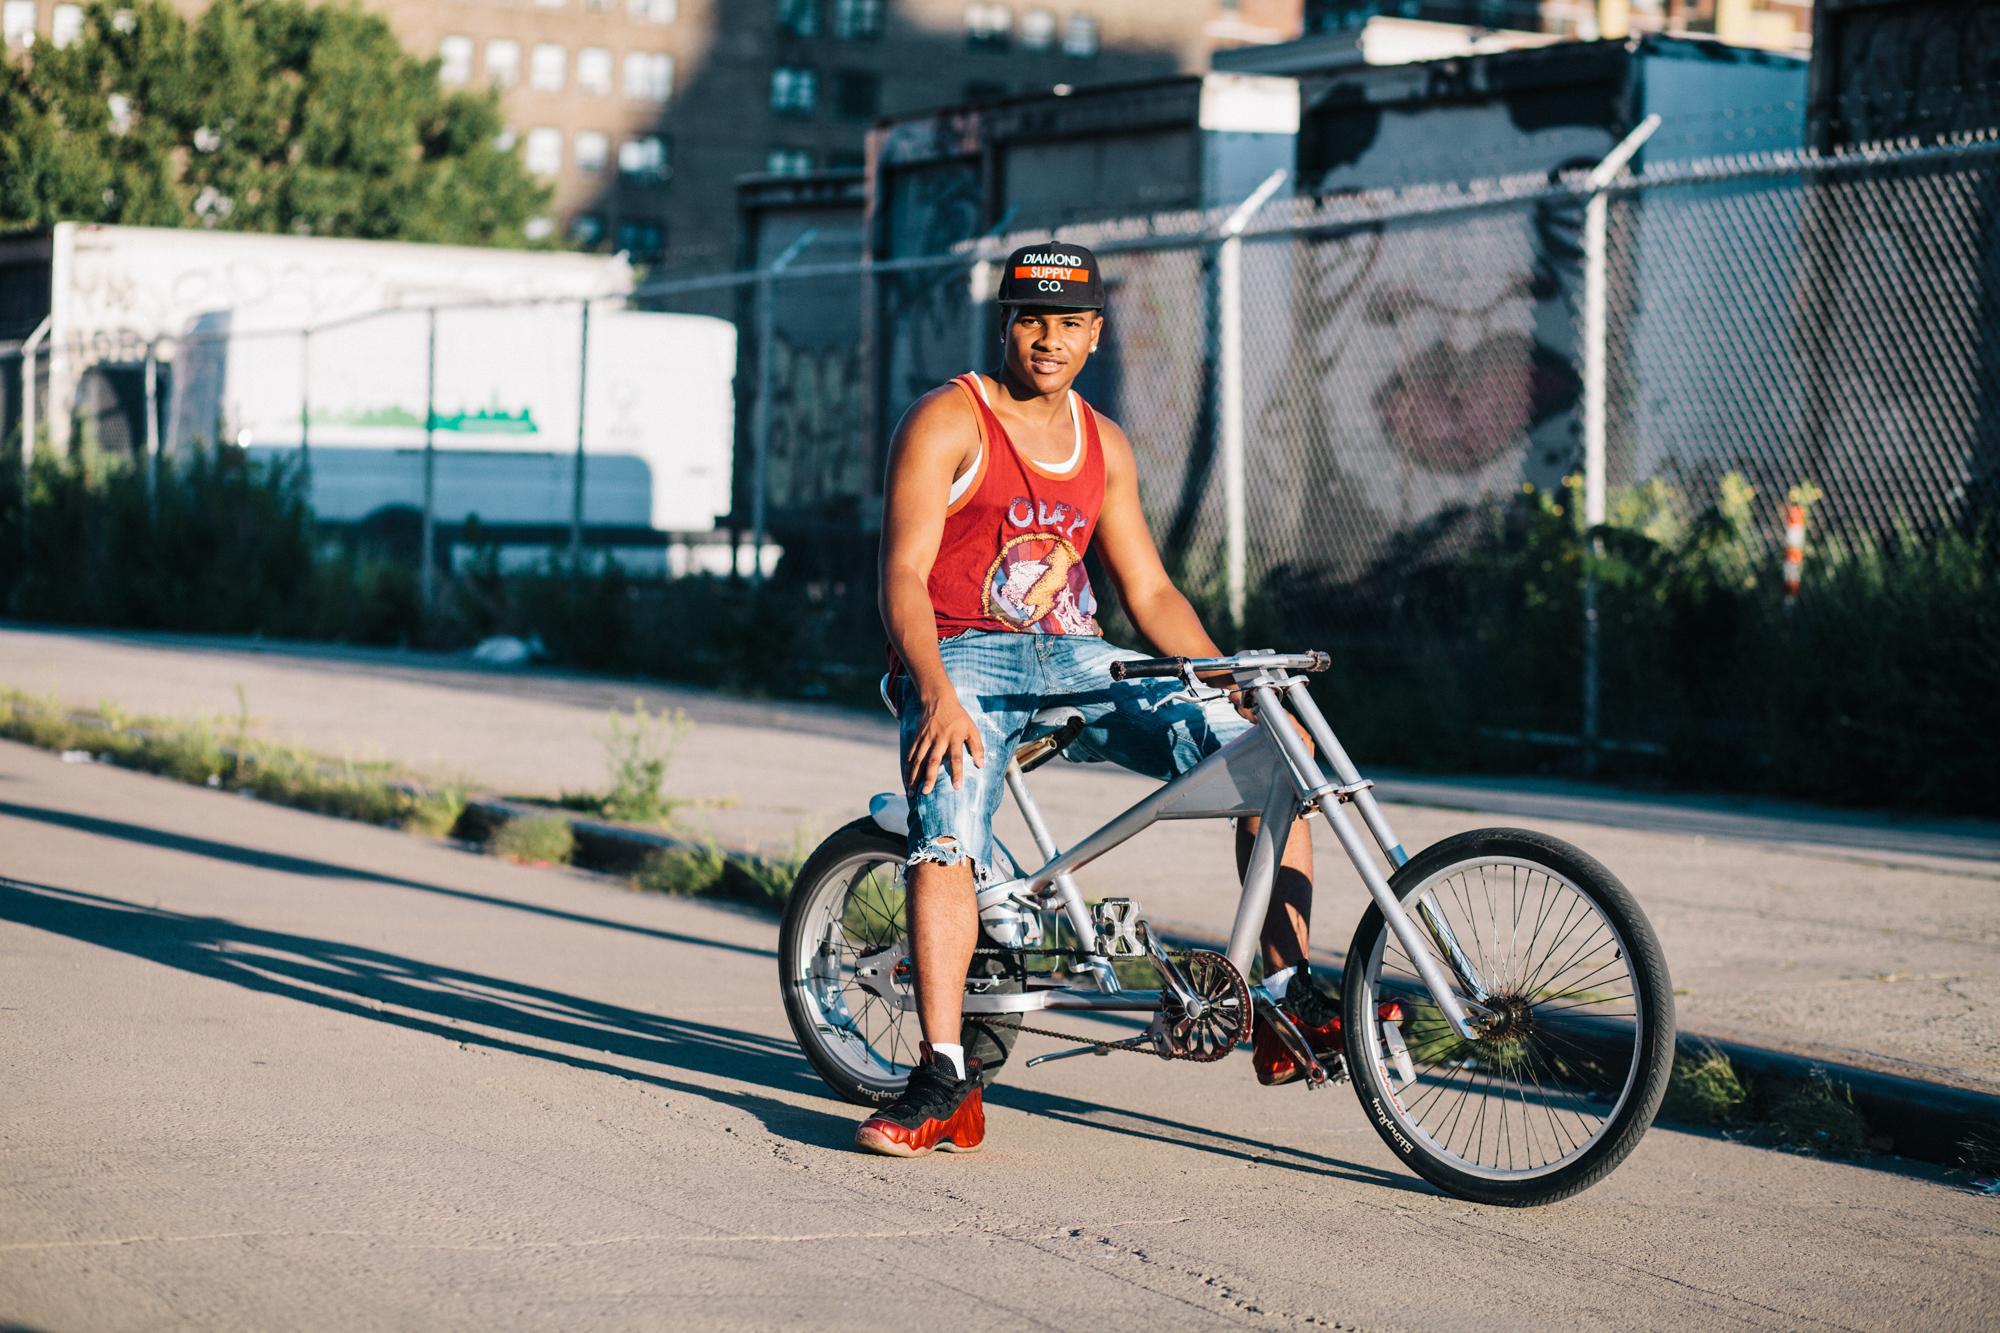 bikestyle-16.jpg